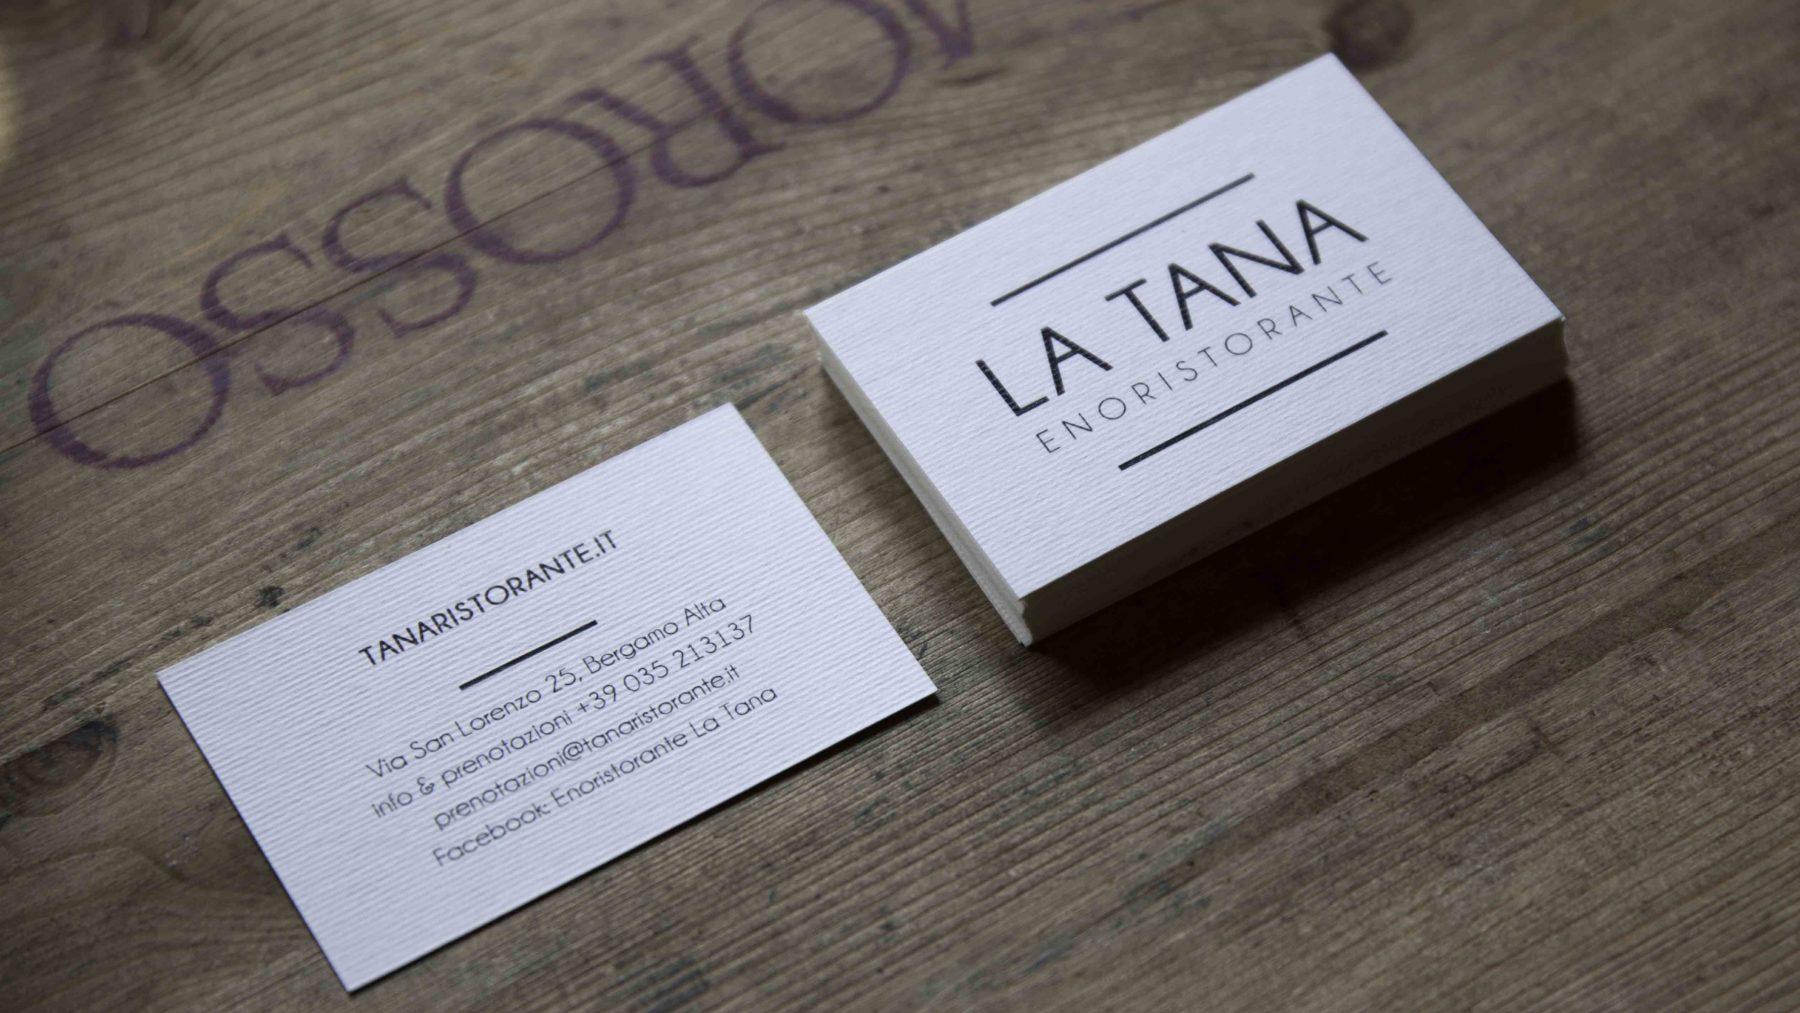 la_tana_businesscard_fronterestro2_1800x1013